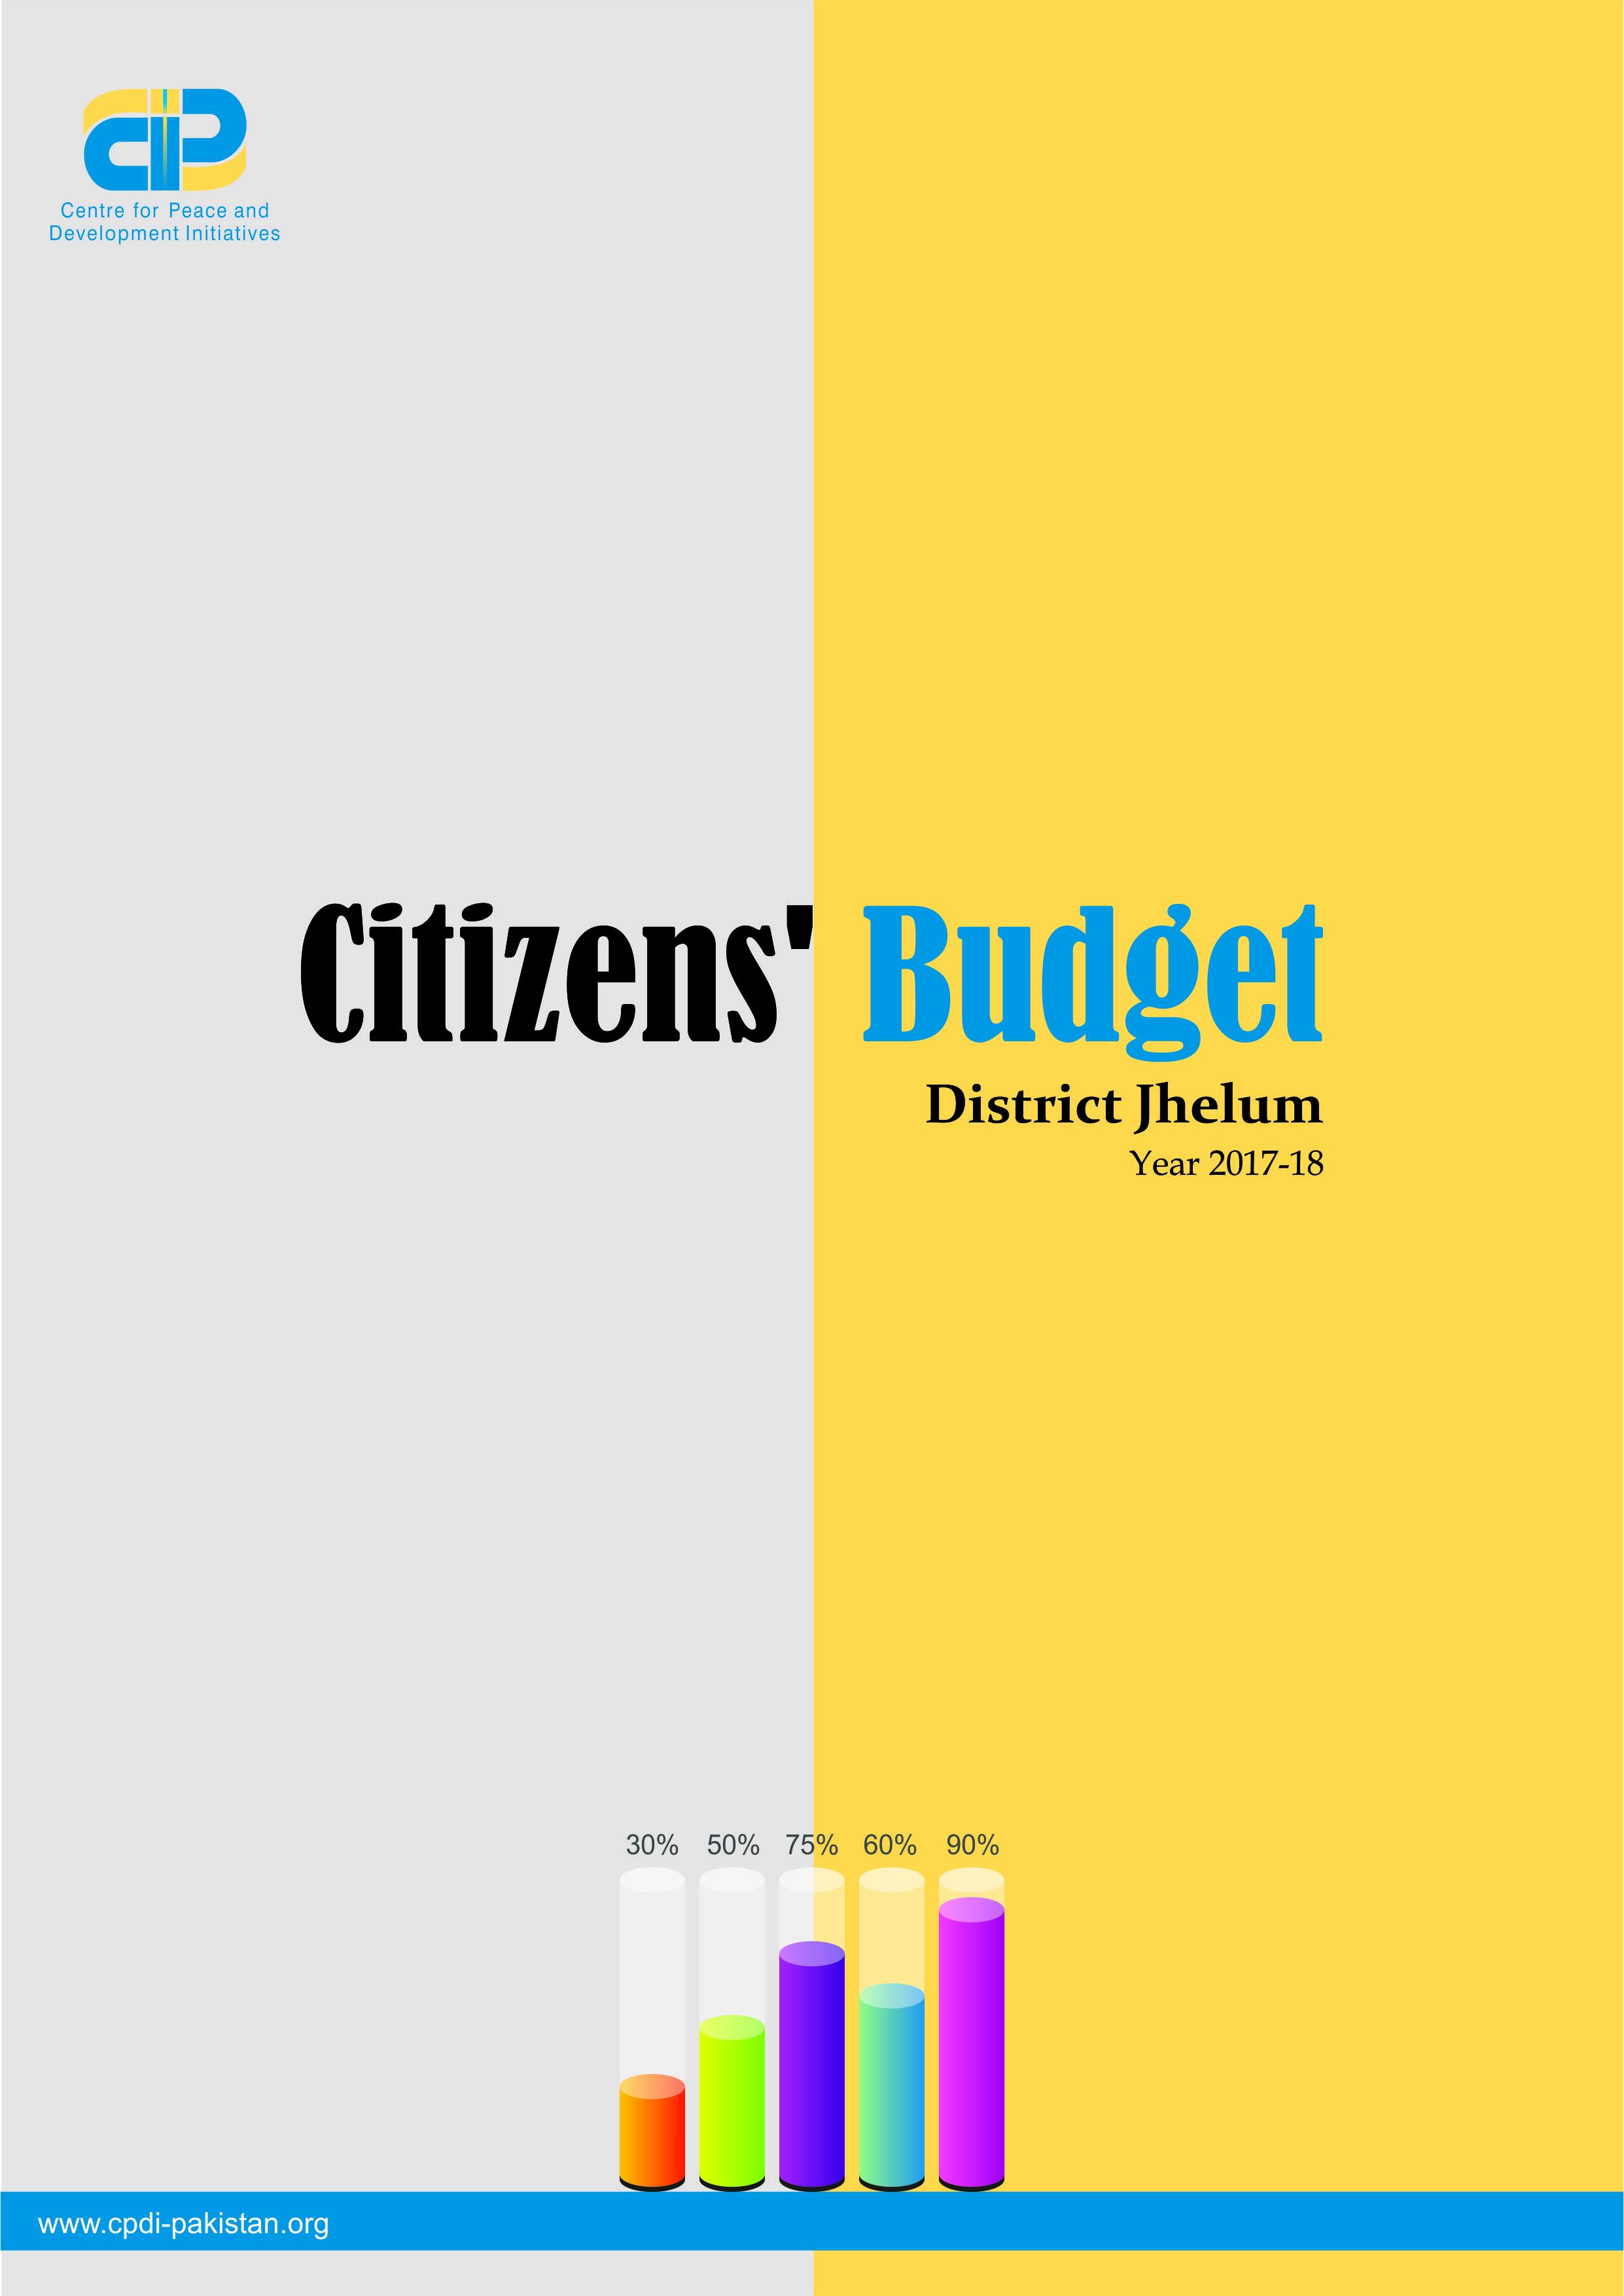 Citizens' Budget District Jhelum Year 2017-18